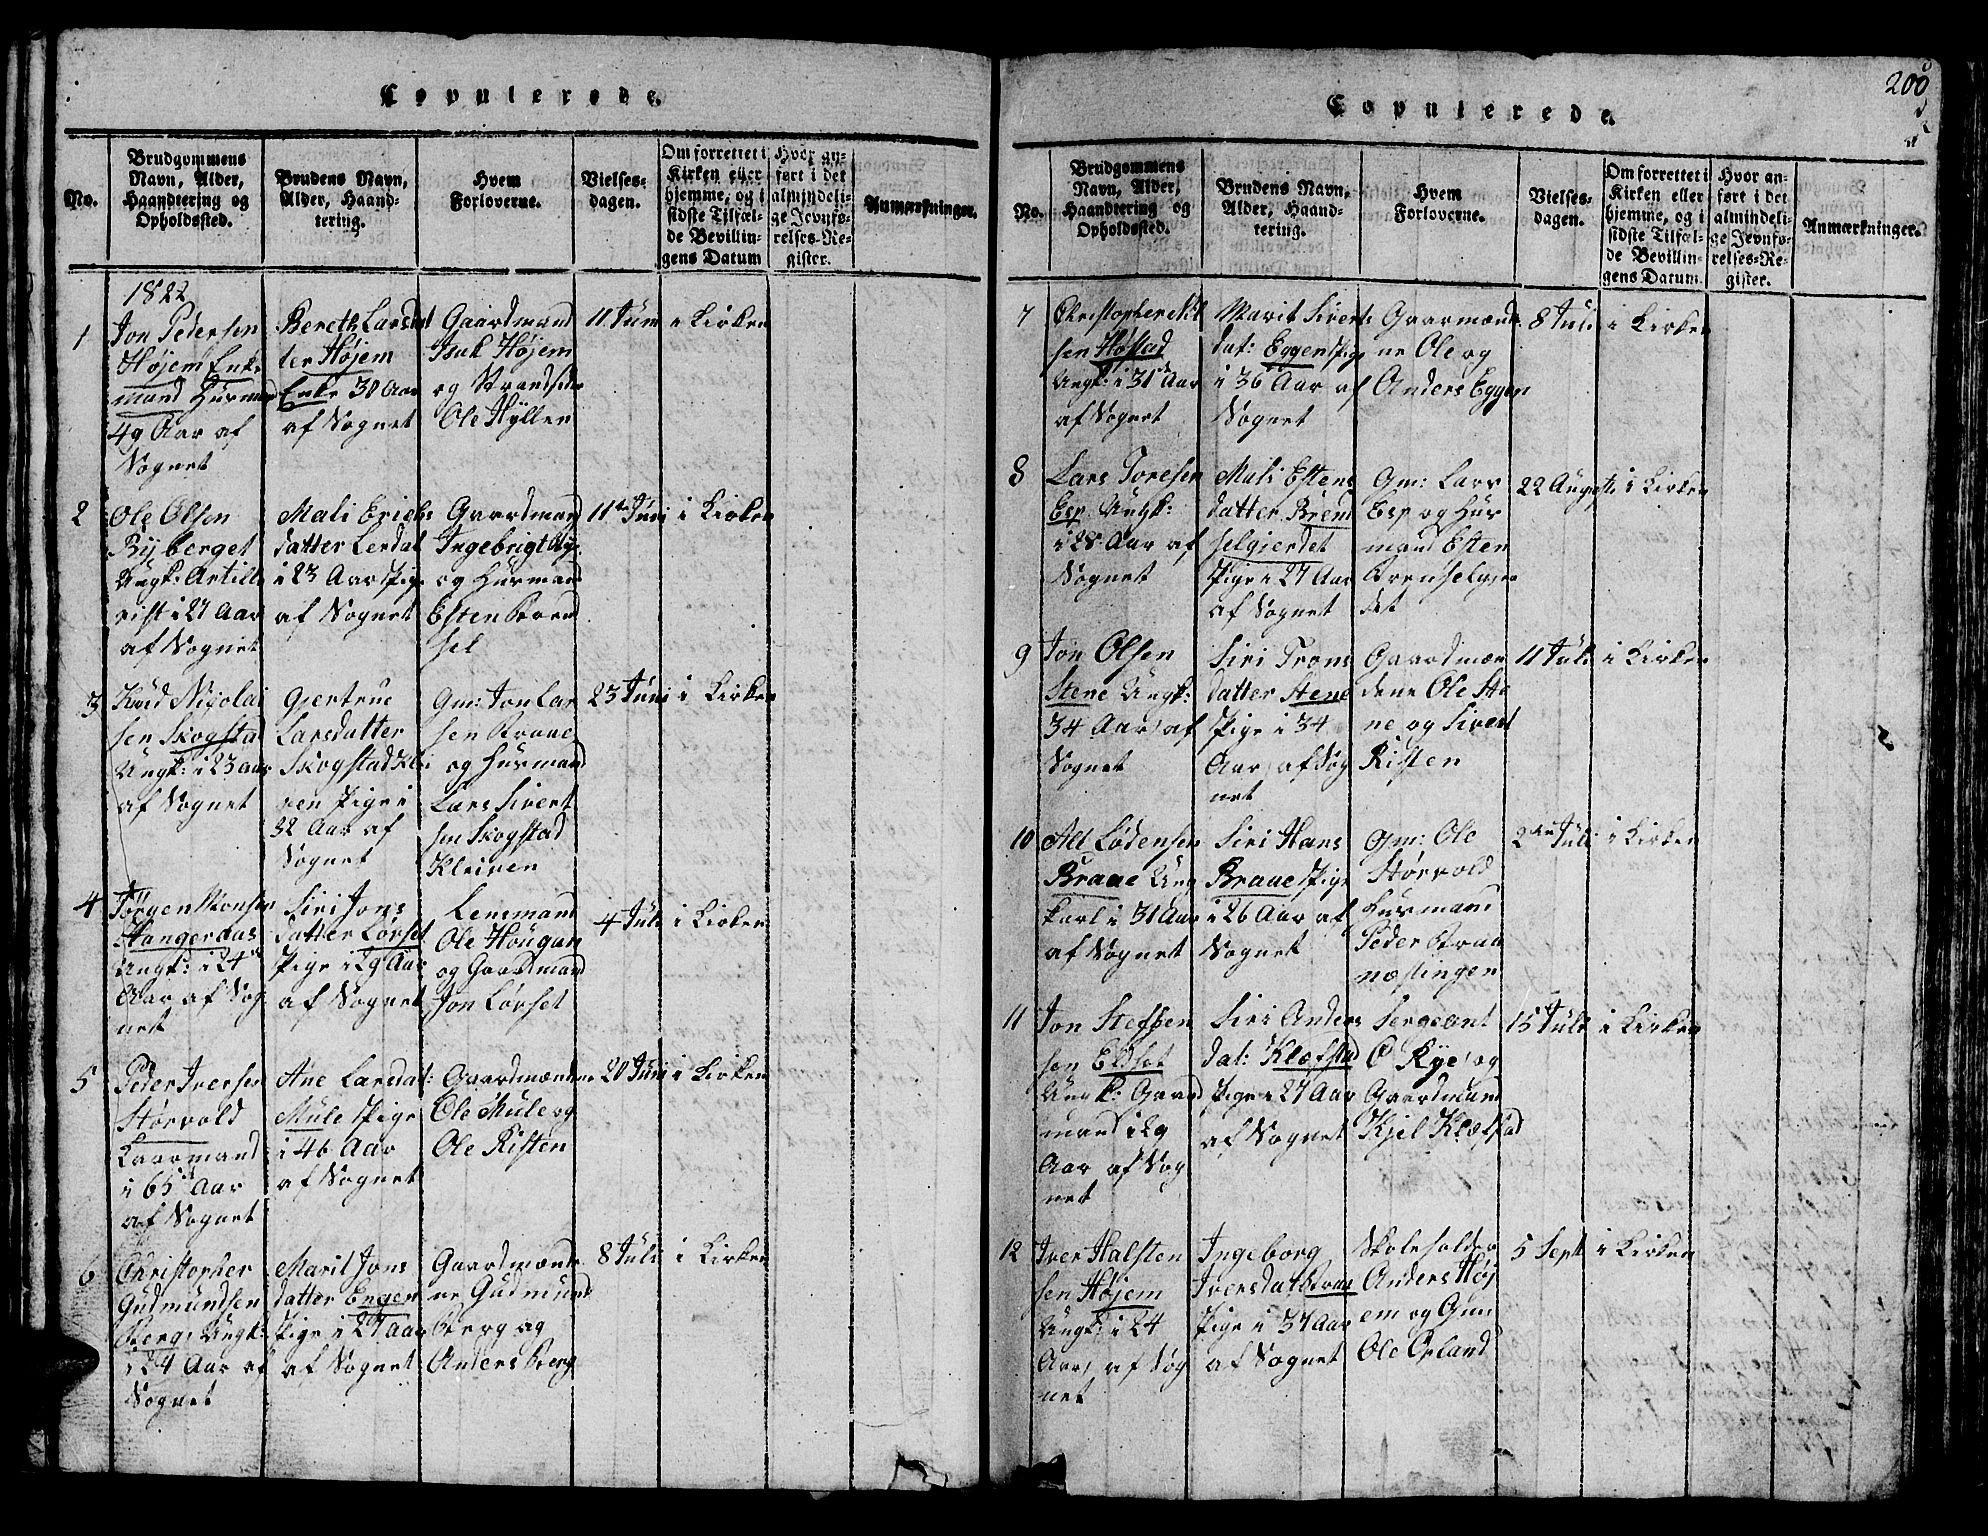 SAT, Ministerialprotokoller, klokkerbøker og fødselsregistre - Sør-Trøndelag, 612/L0385: Klokkerbok nr. 612C01, 1816-1845, s. 200